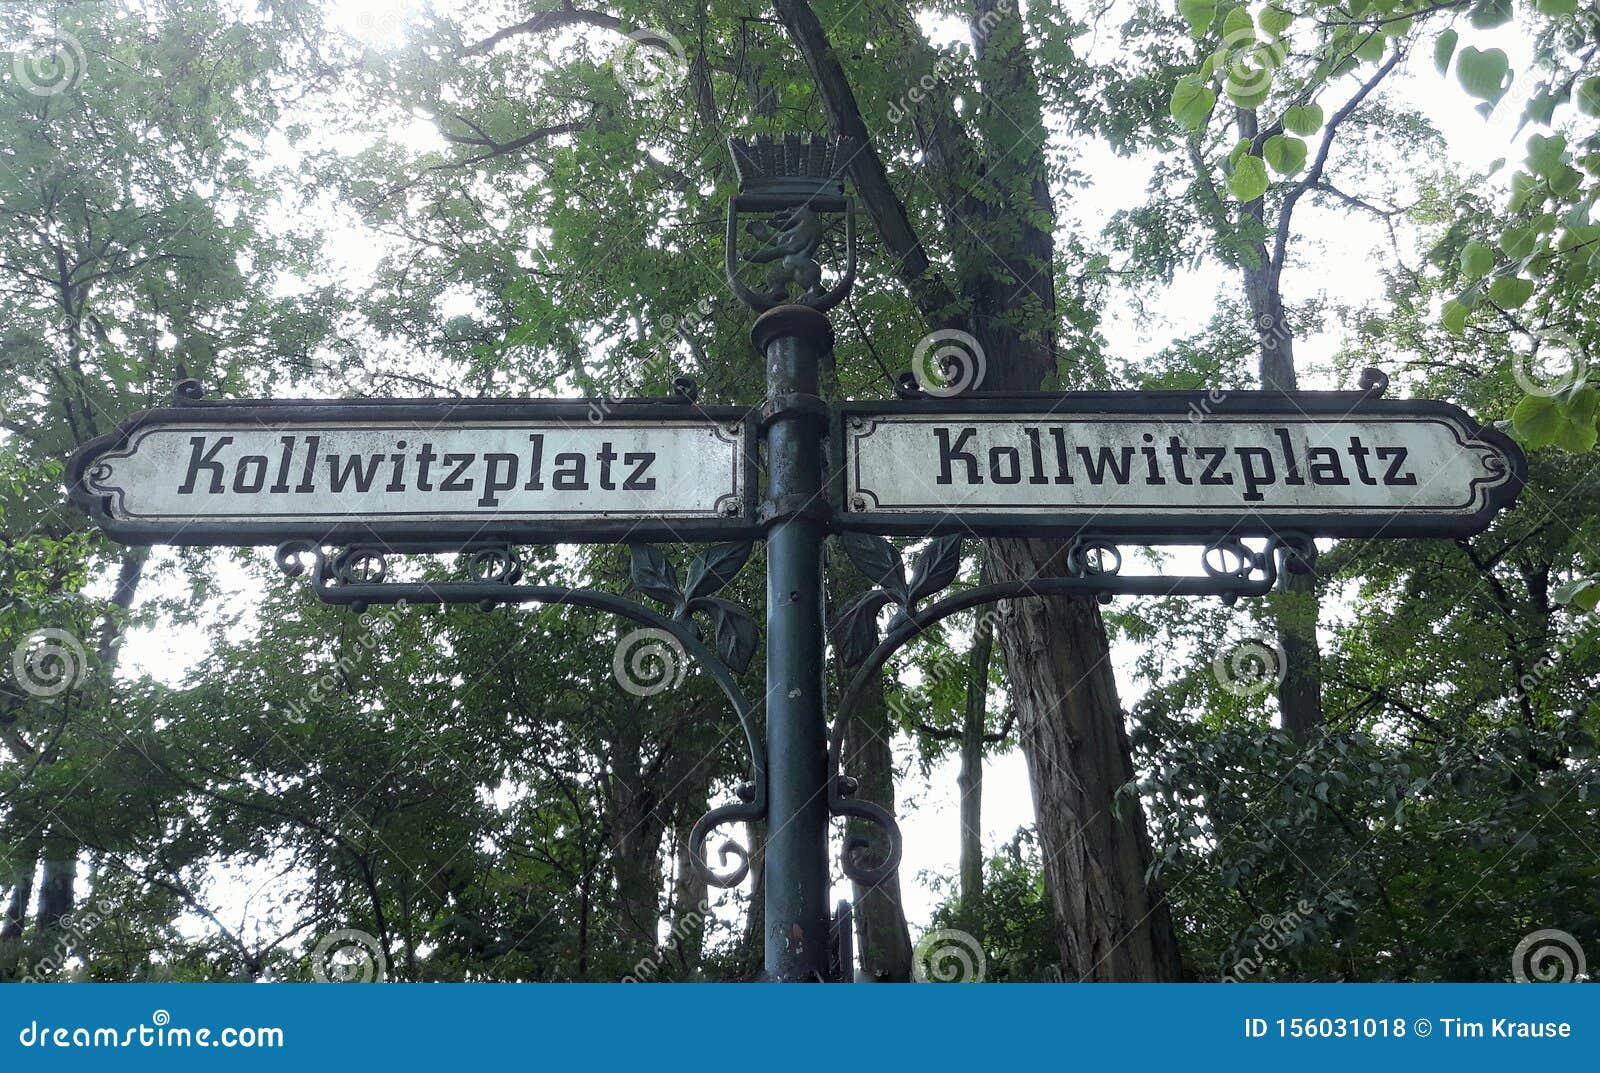 Two old street signs to the Kollwitzplatz.